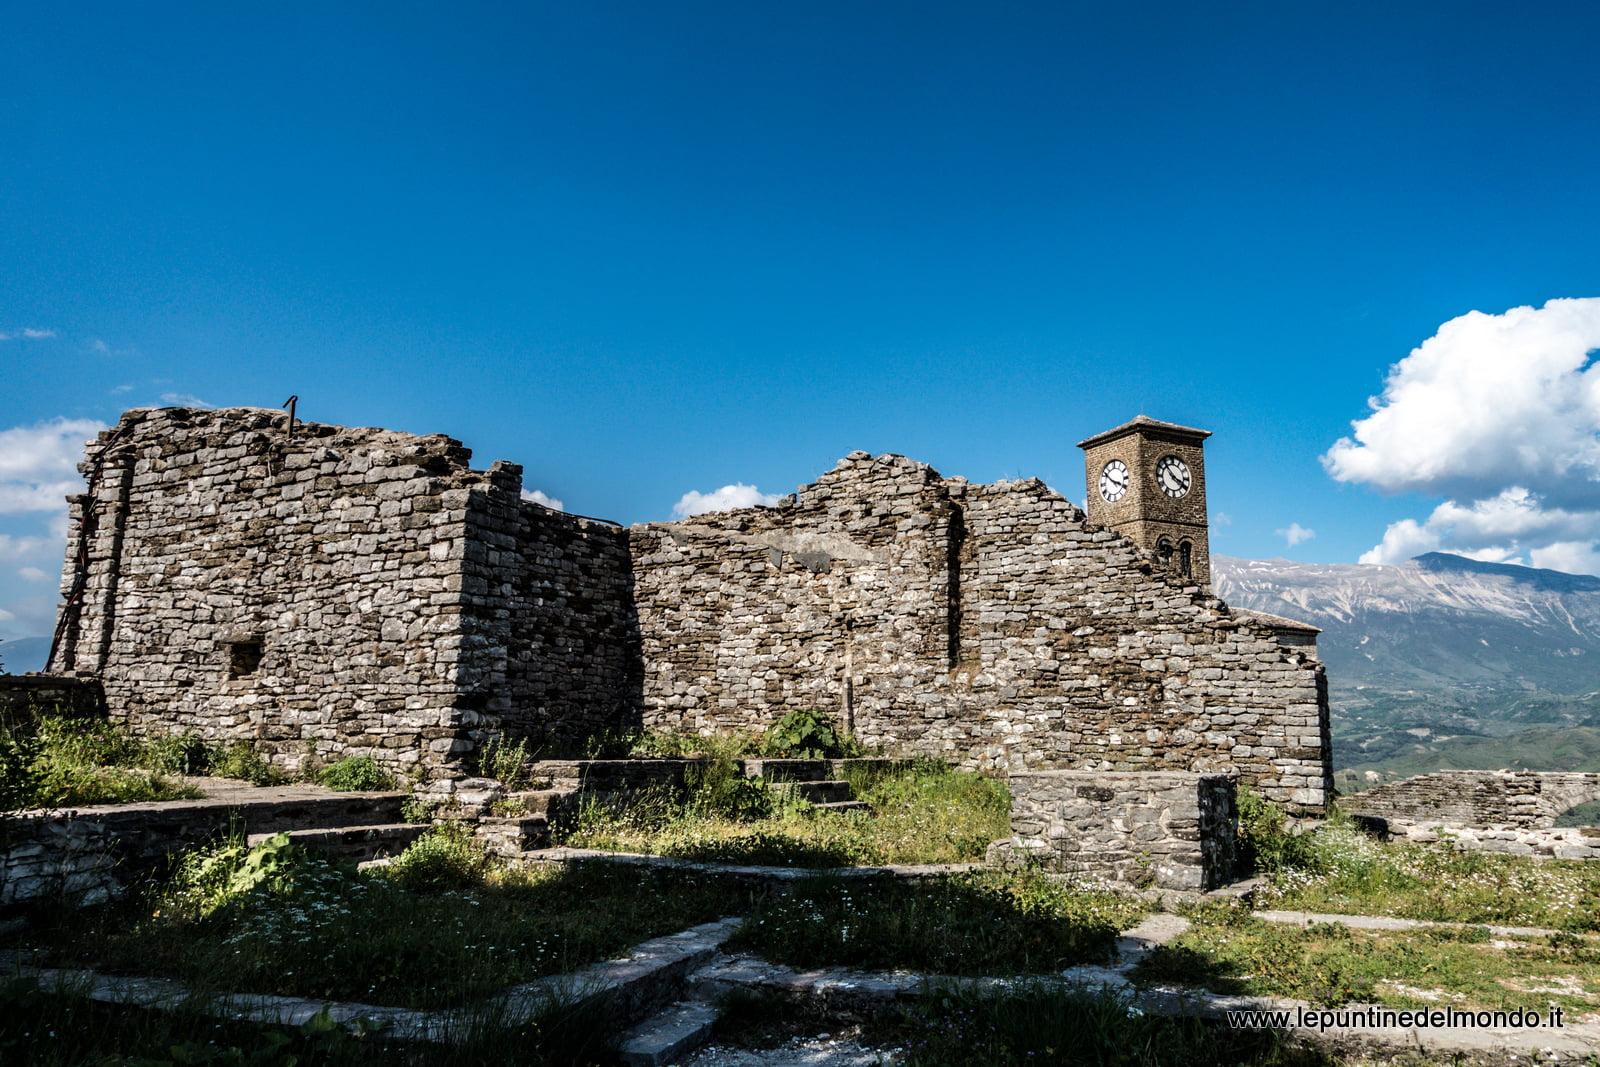 Albania in Camper Agirocastro Agirocastrum Le Puntine del Mondo Agirocaster Agirocastrum castello castle